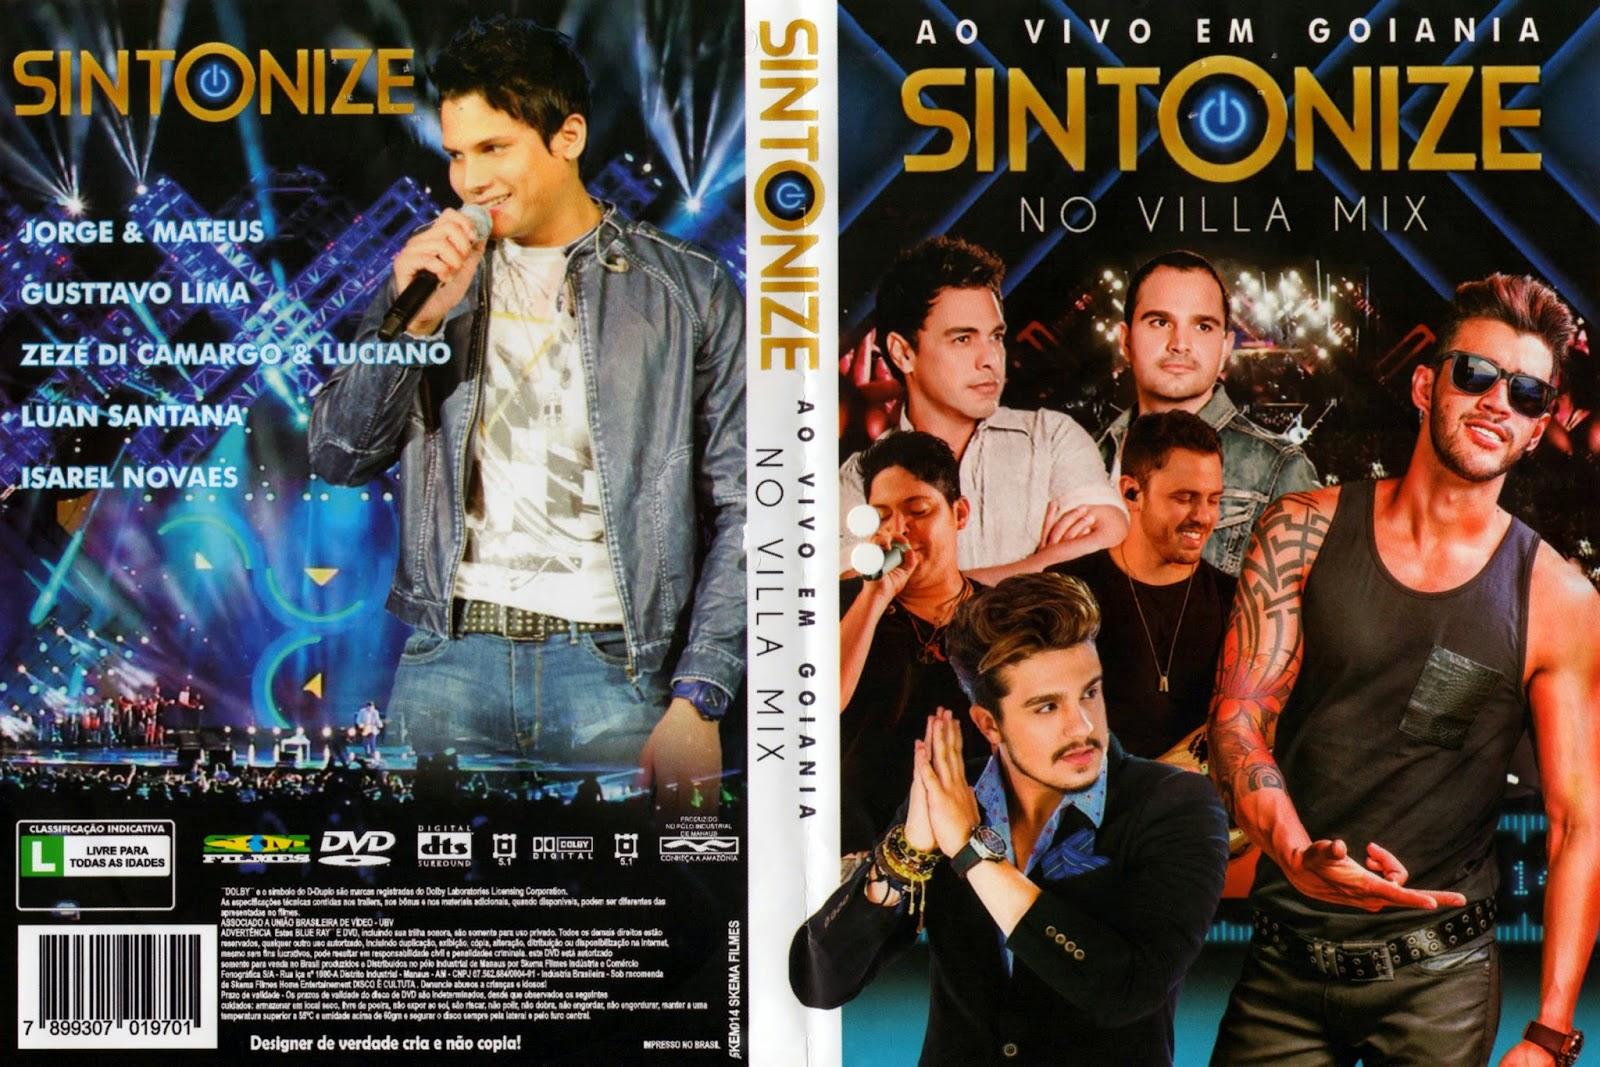 DVD Sitonize – No Villa Mix – Ao Vivo Em Goiânia (2015)